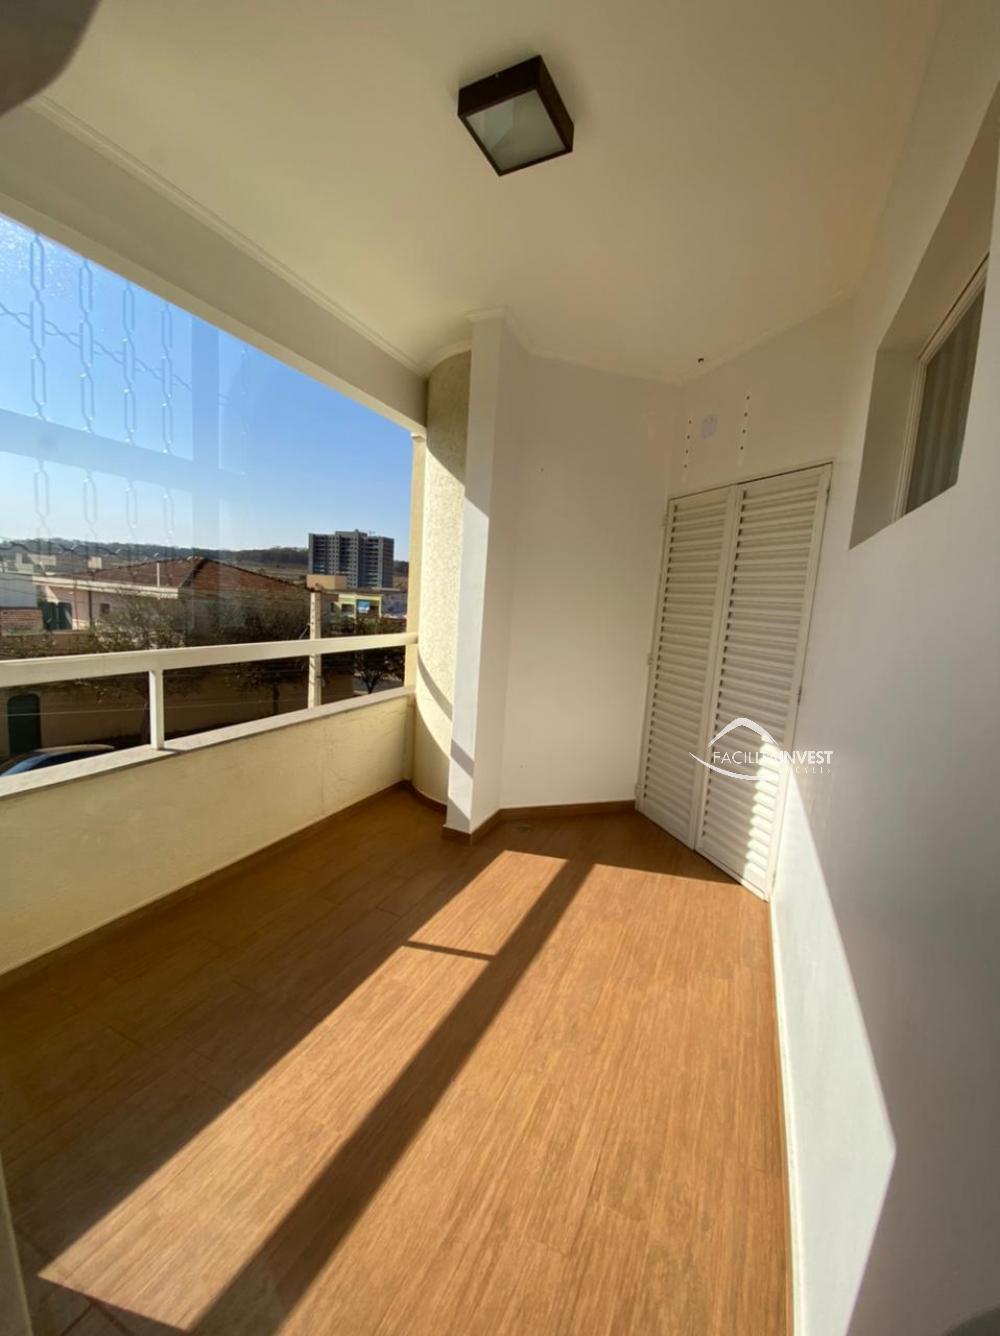 Comprar Apartamentos / Apart. Padrão em Ribeirão Preto R$ 350.000,00 - Foto 4